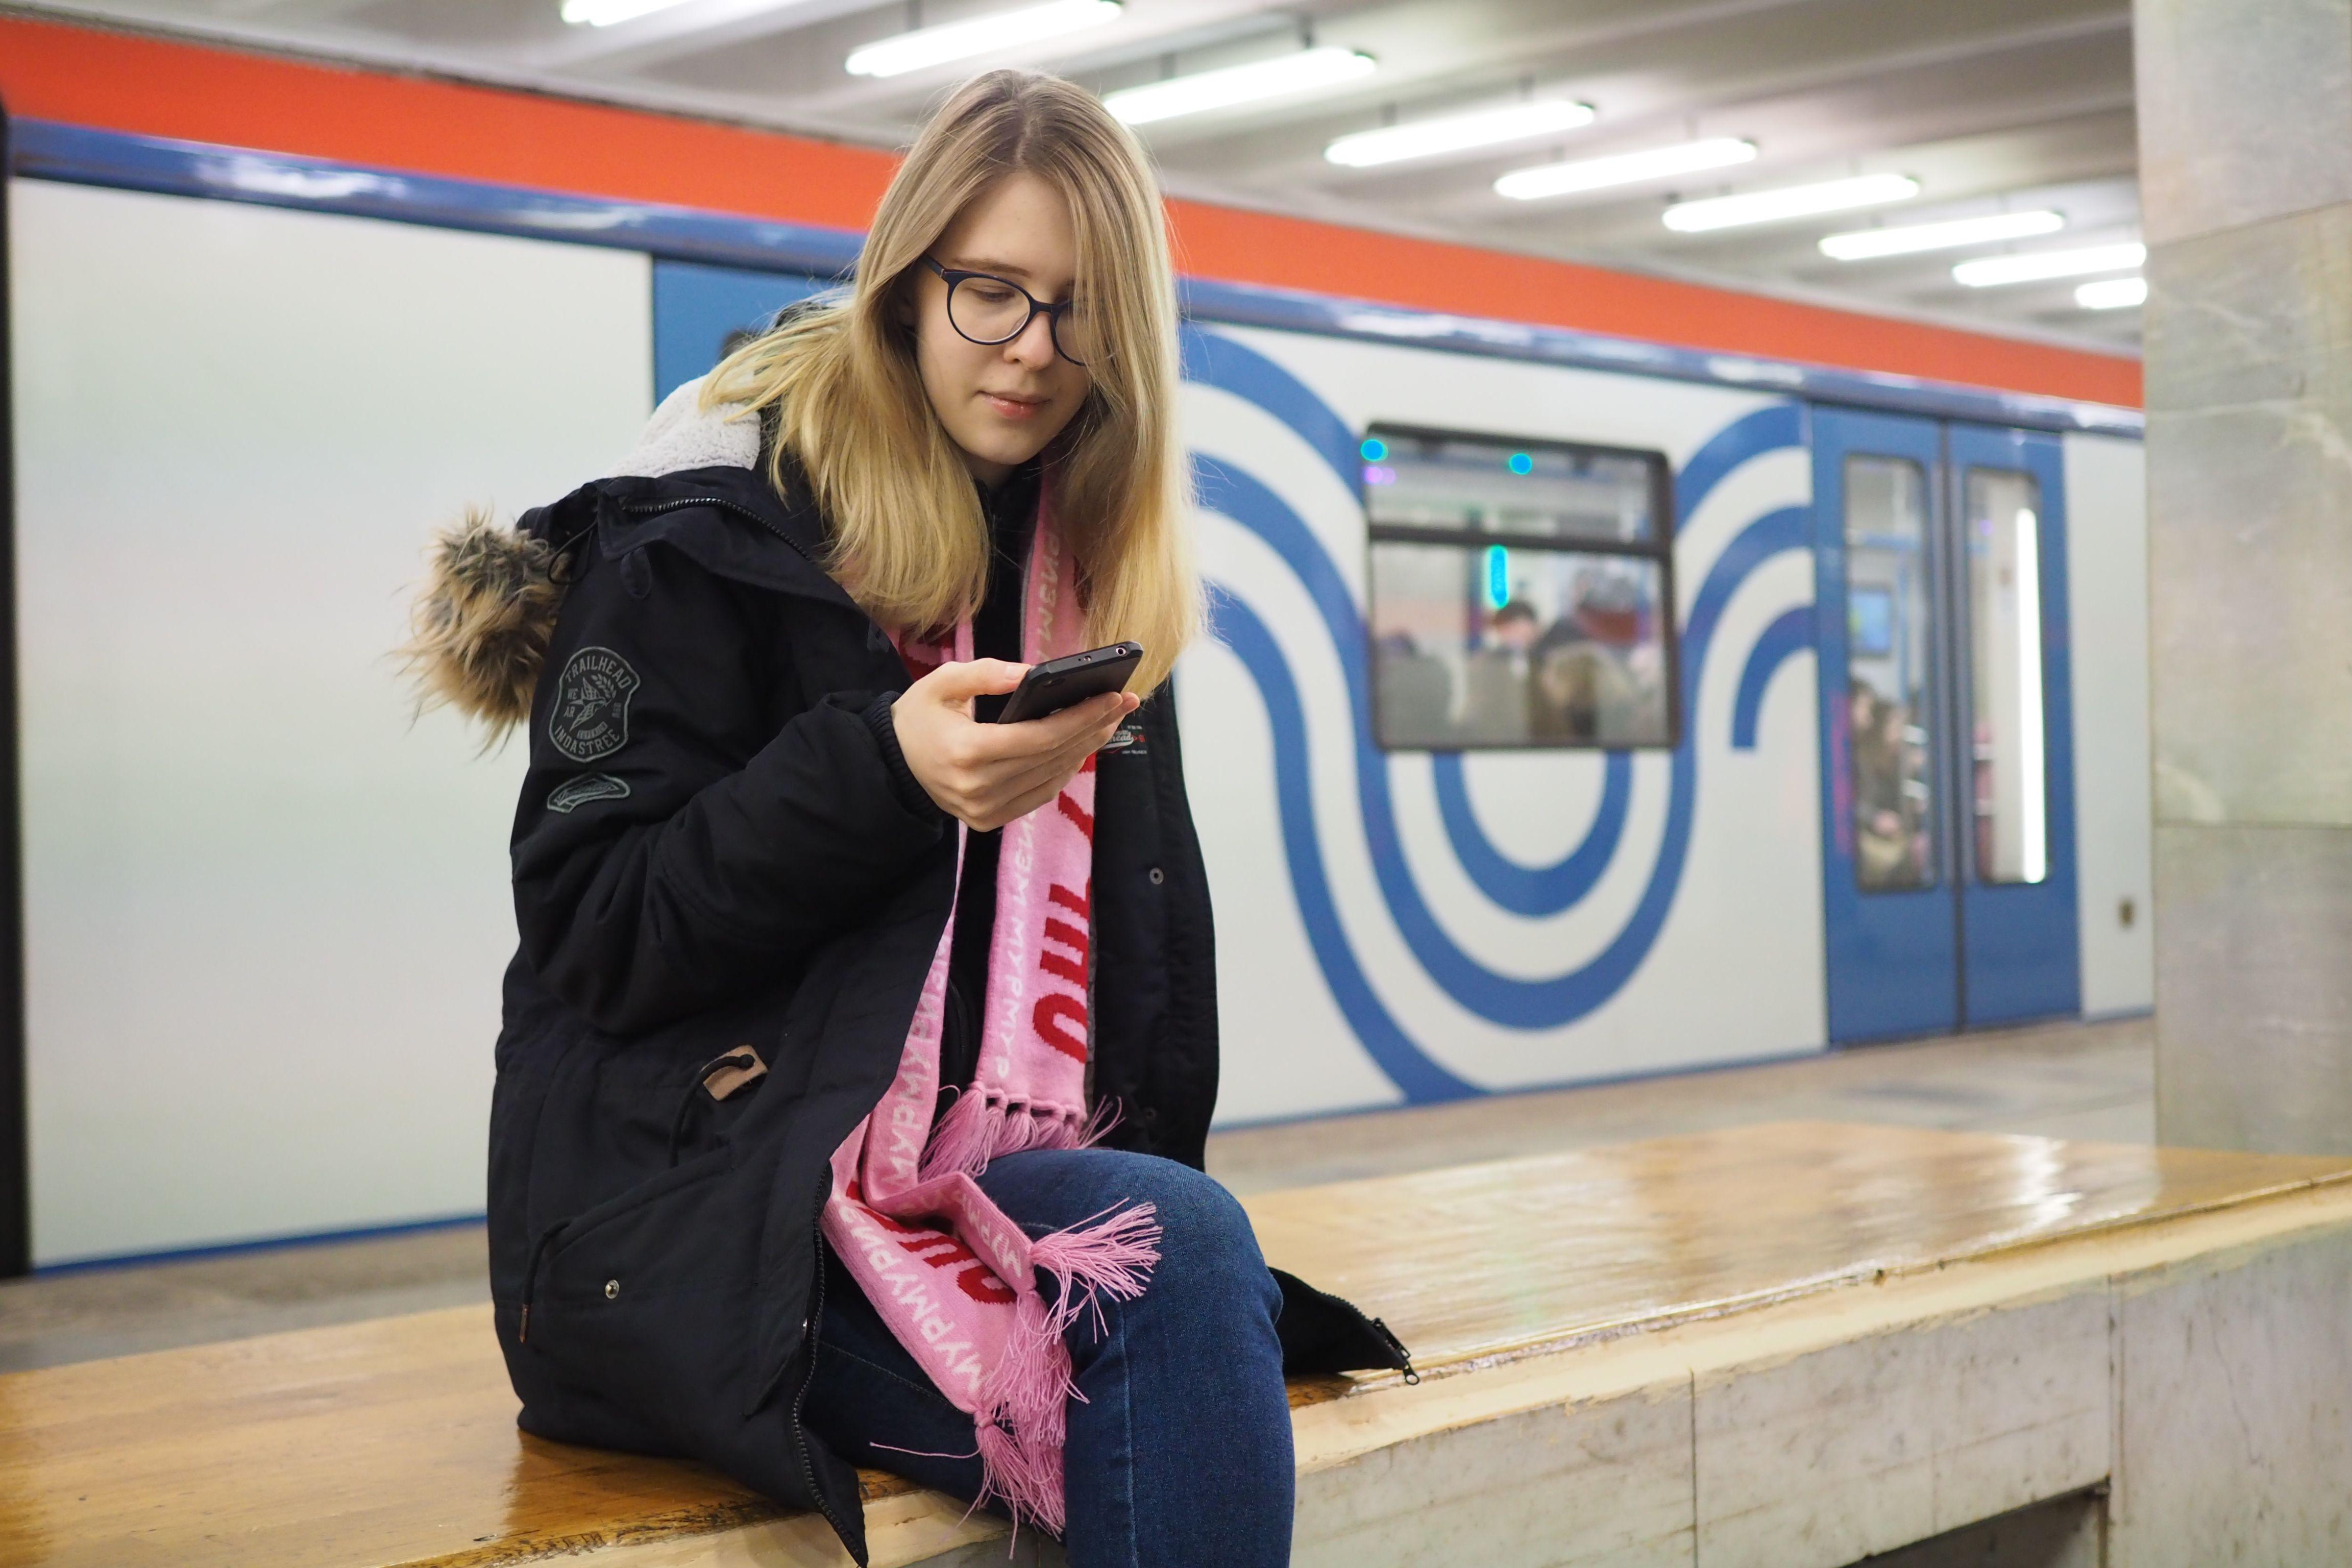 Москвичи протестируют обновления «Метро Москвы» до официального запуска